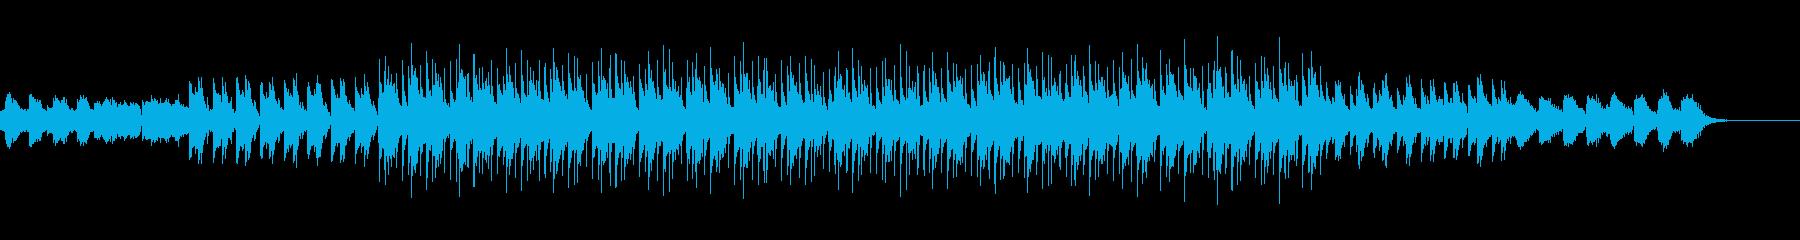 印象的なマイナーメロディのテクノロックの再生済みの波形